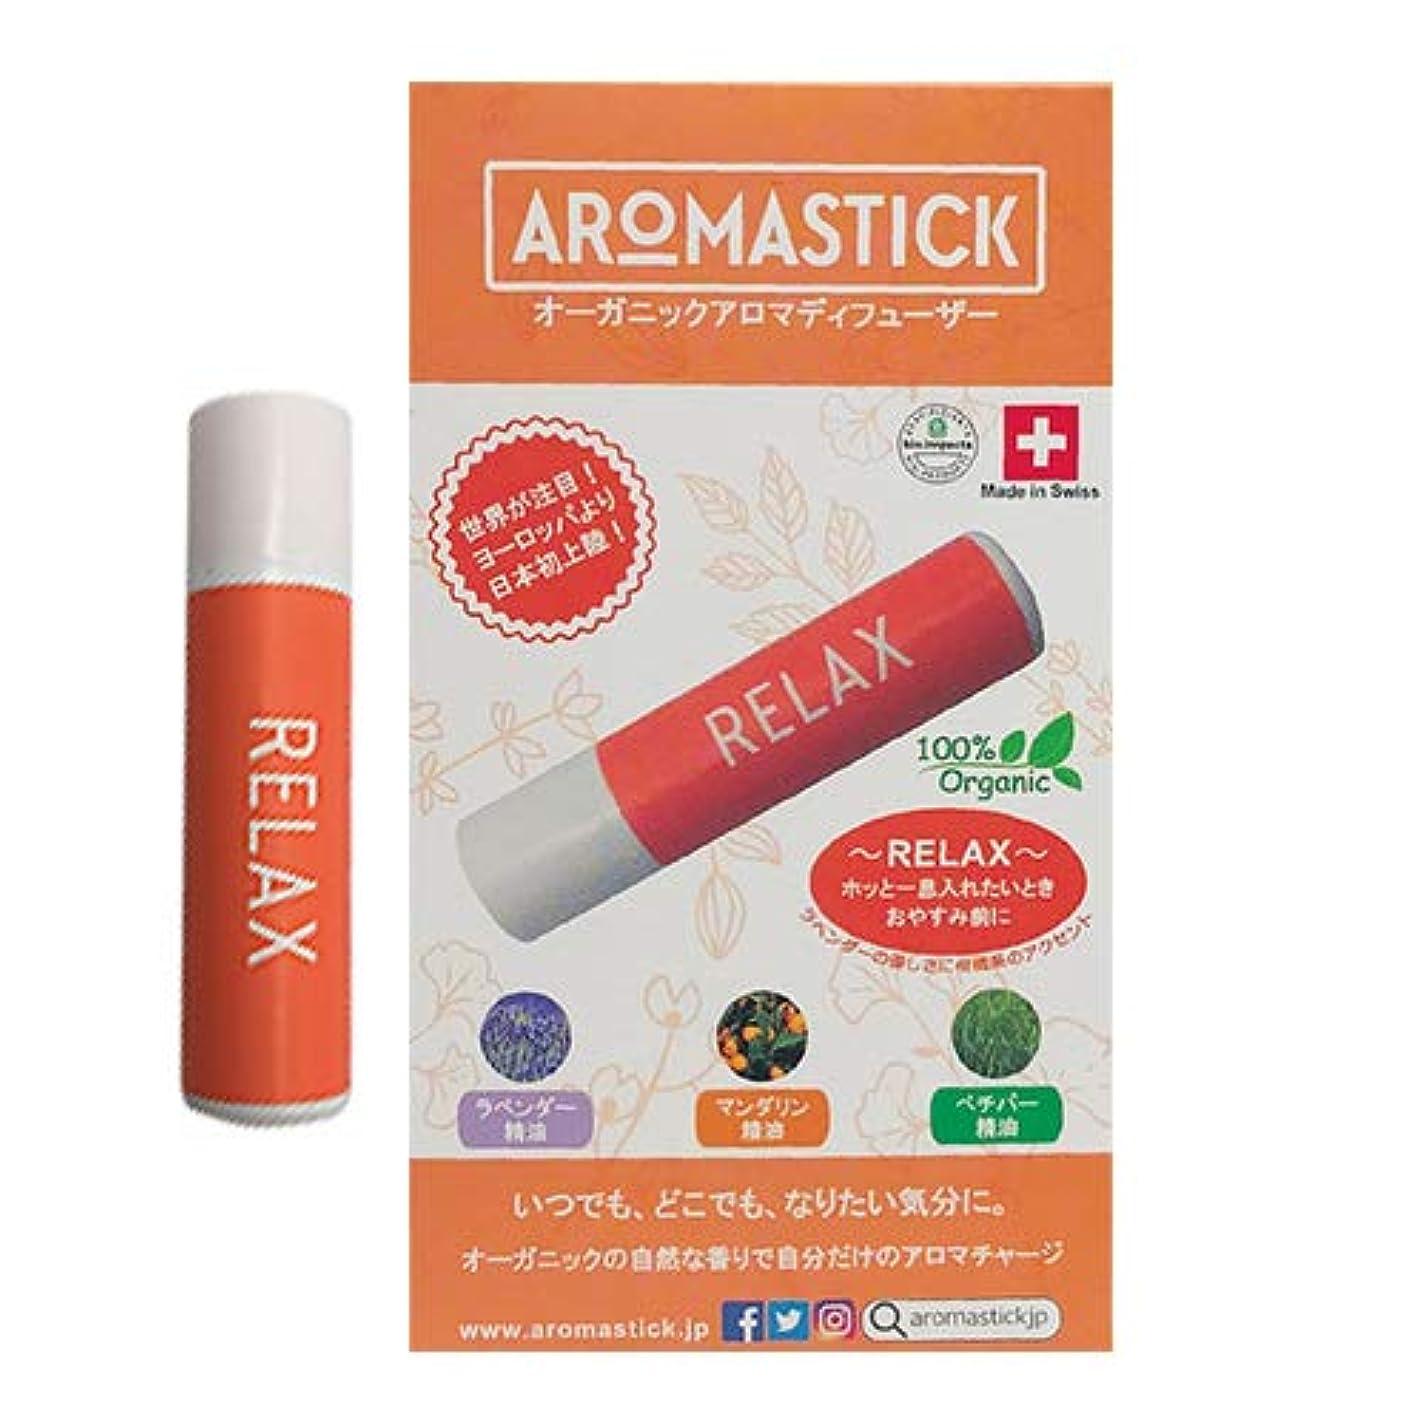 キロメートル同性愛者誤ってオーガニックアロマディフューザー アロマスティック(aromastick) リラックス [RELAX] ×3個セット